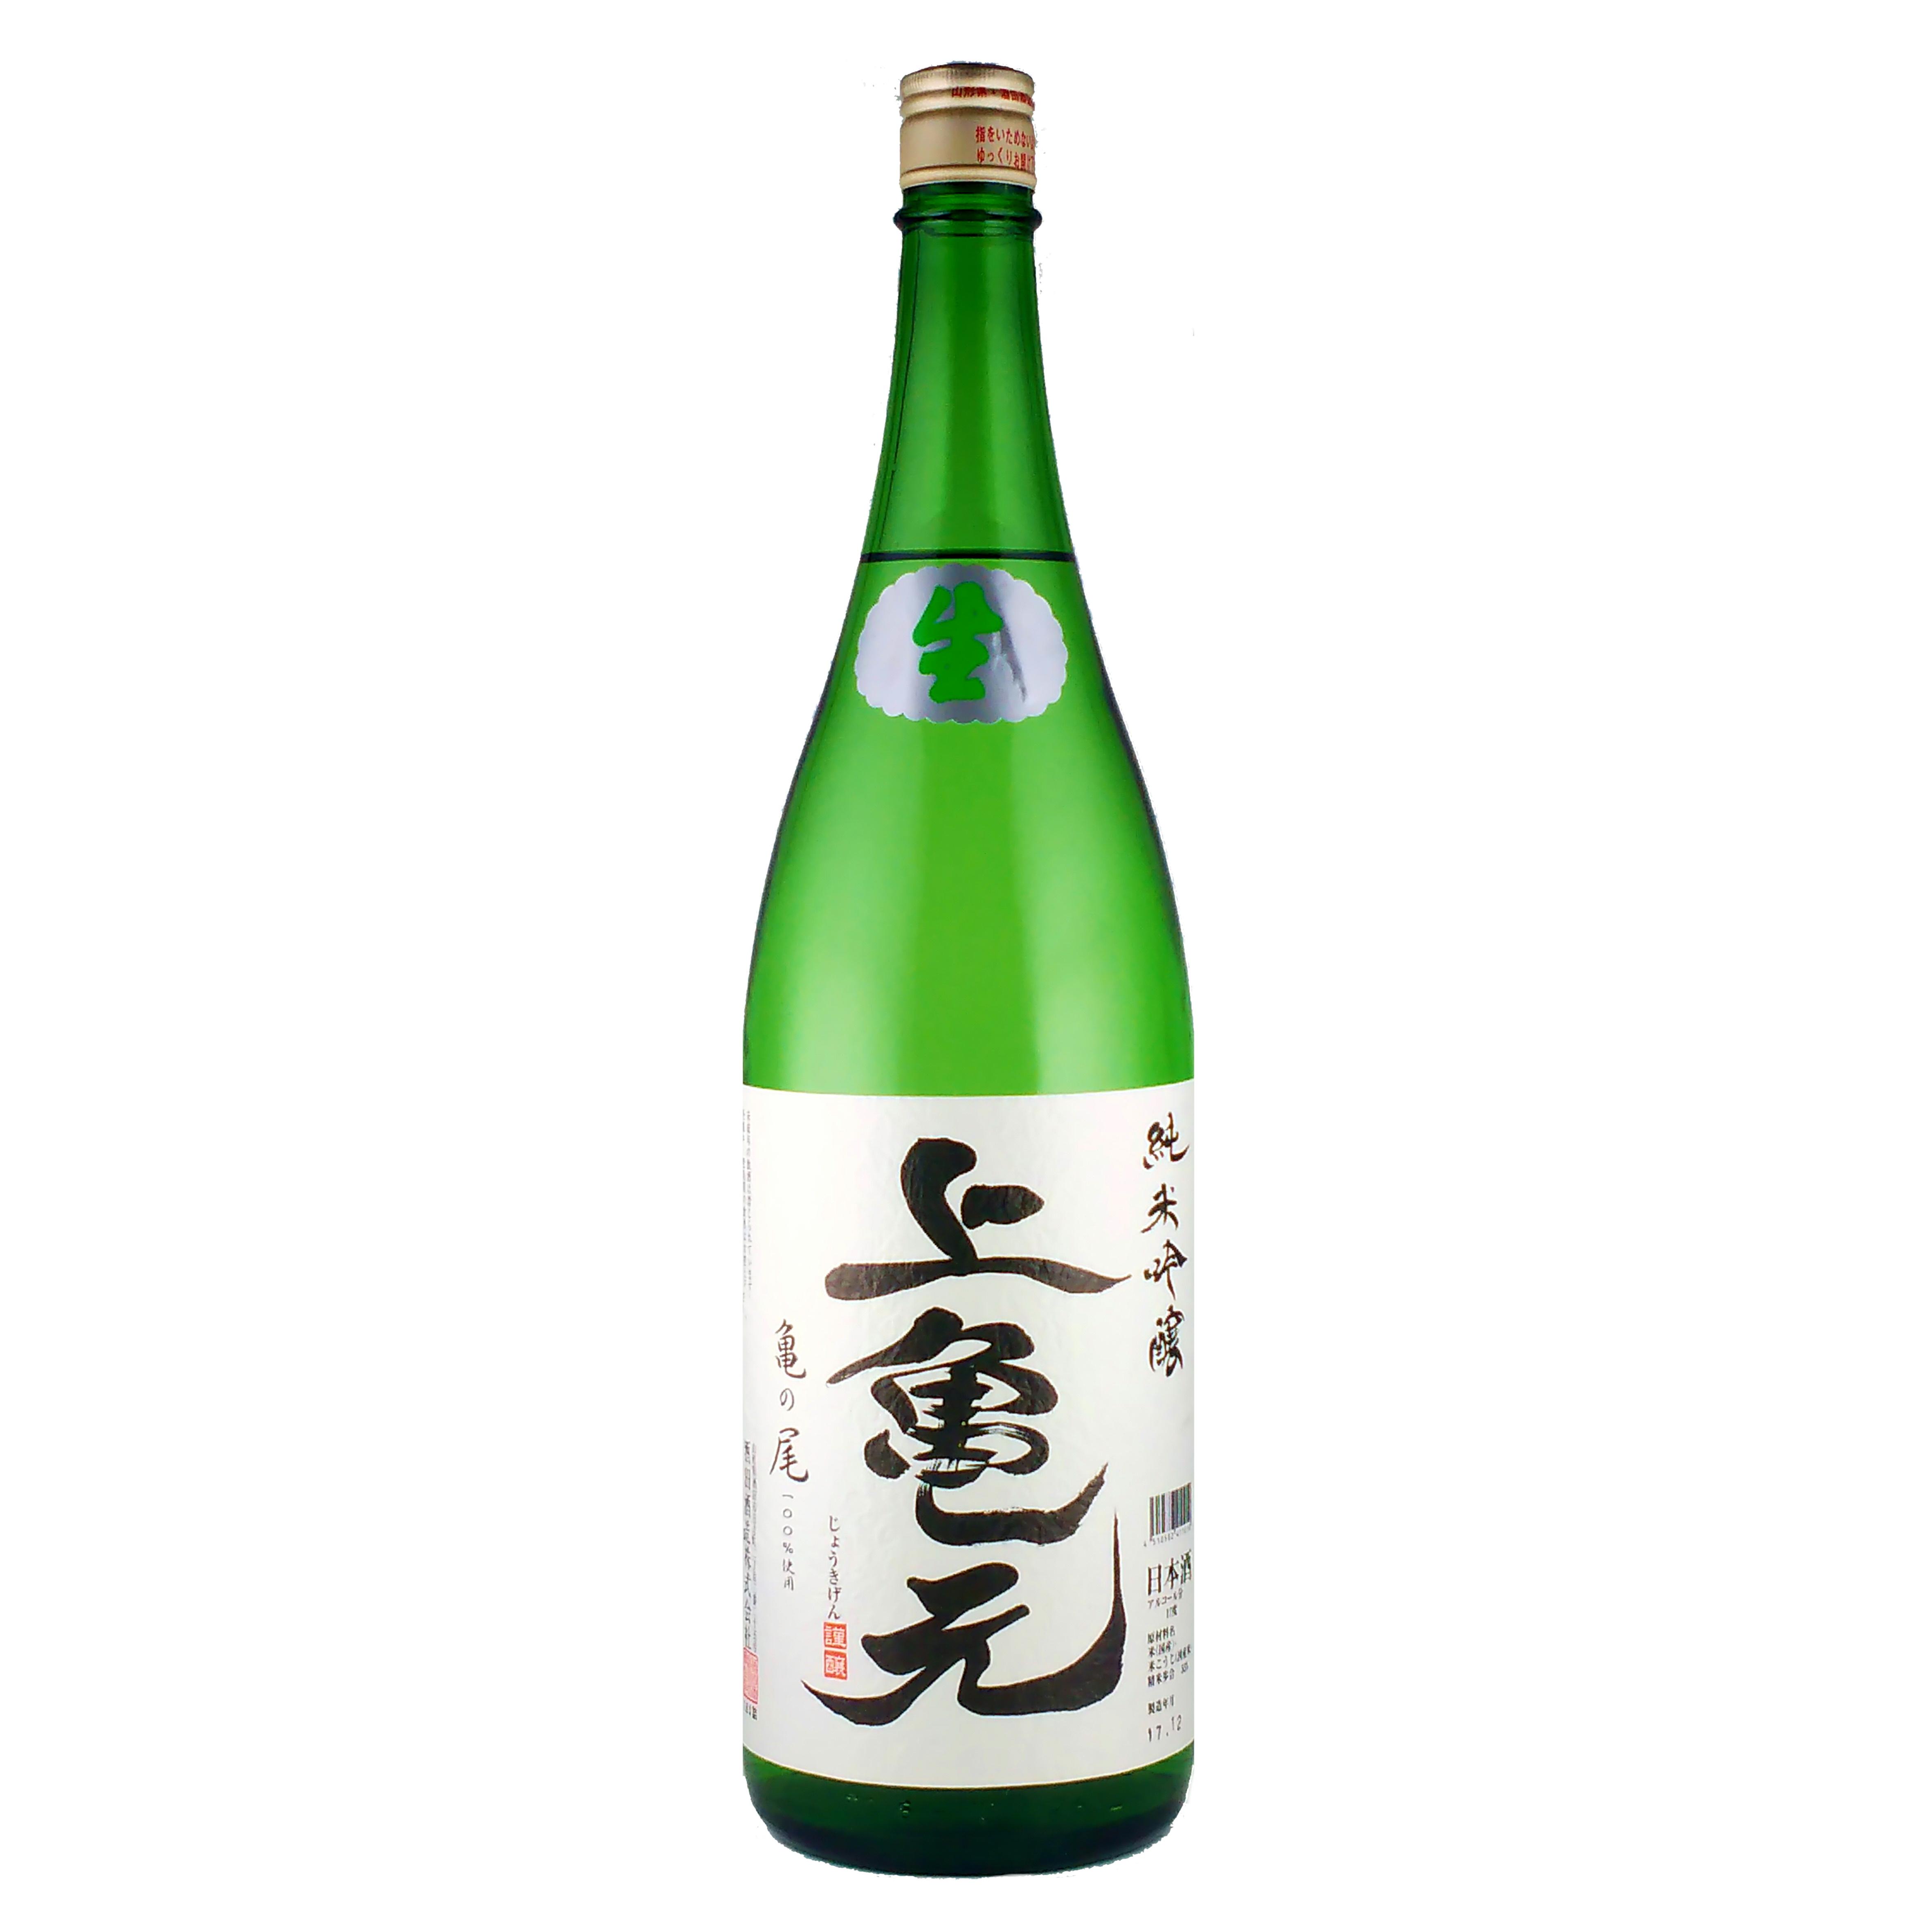 上亀元 亀の尾 純米吟醸 生酒